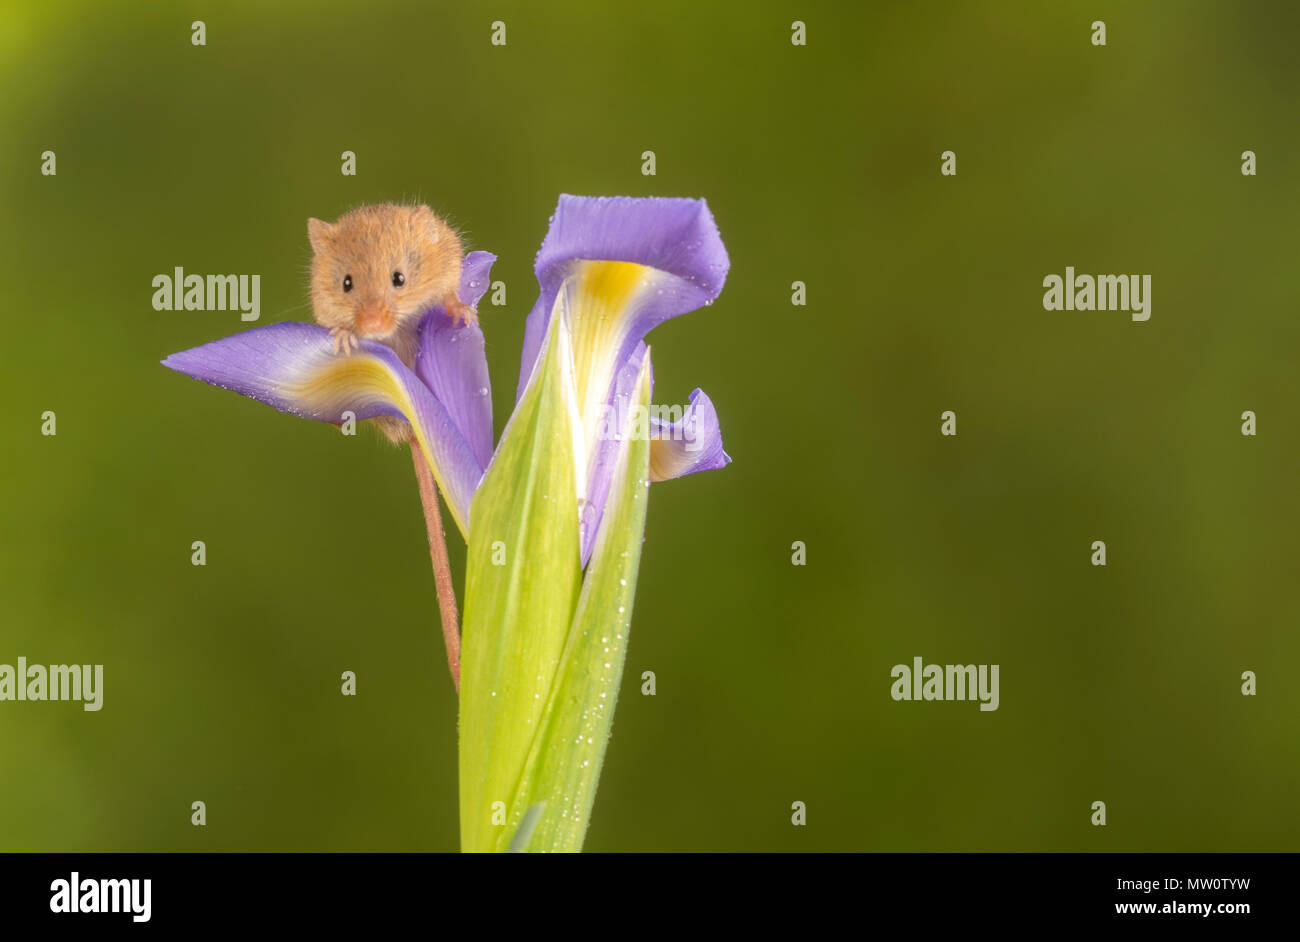 Eine Ernte Maus klettern auf einem violetten Iris Stockbild